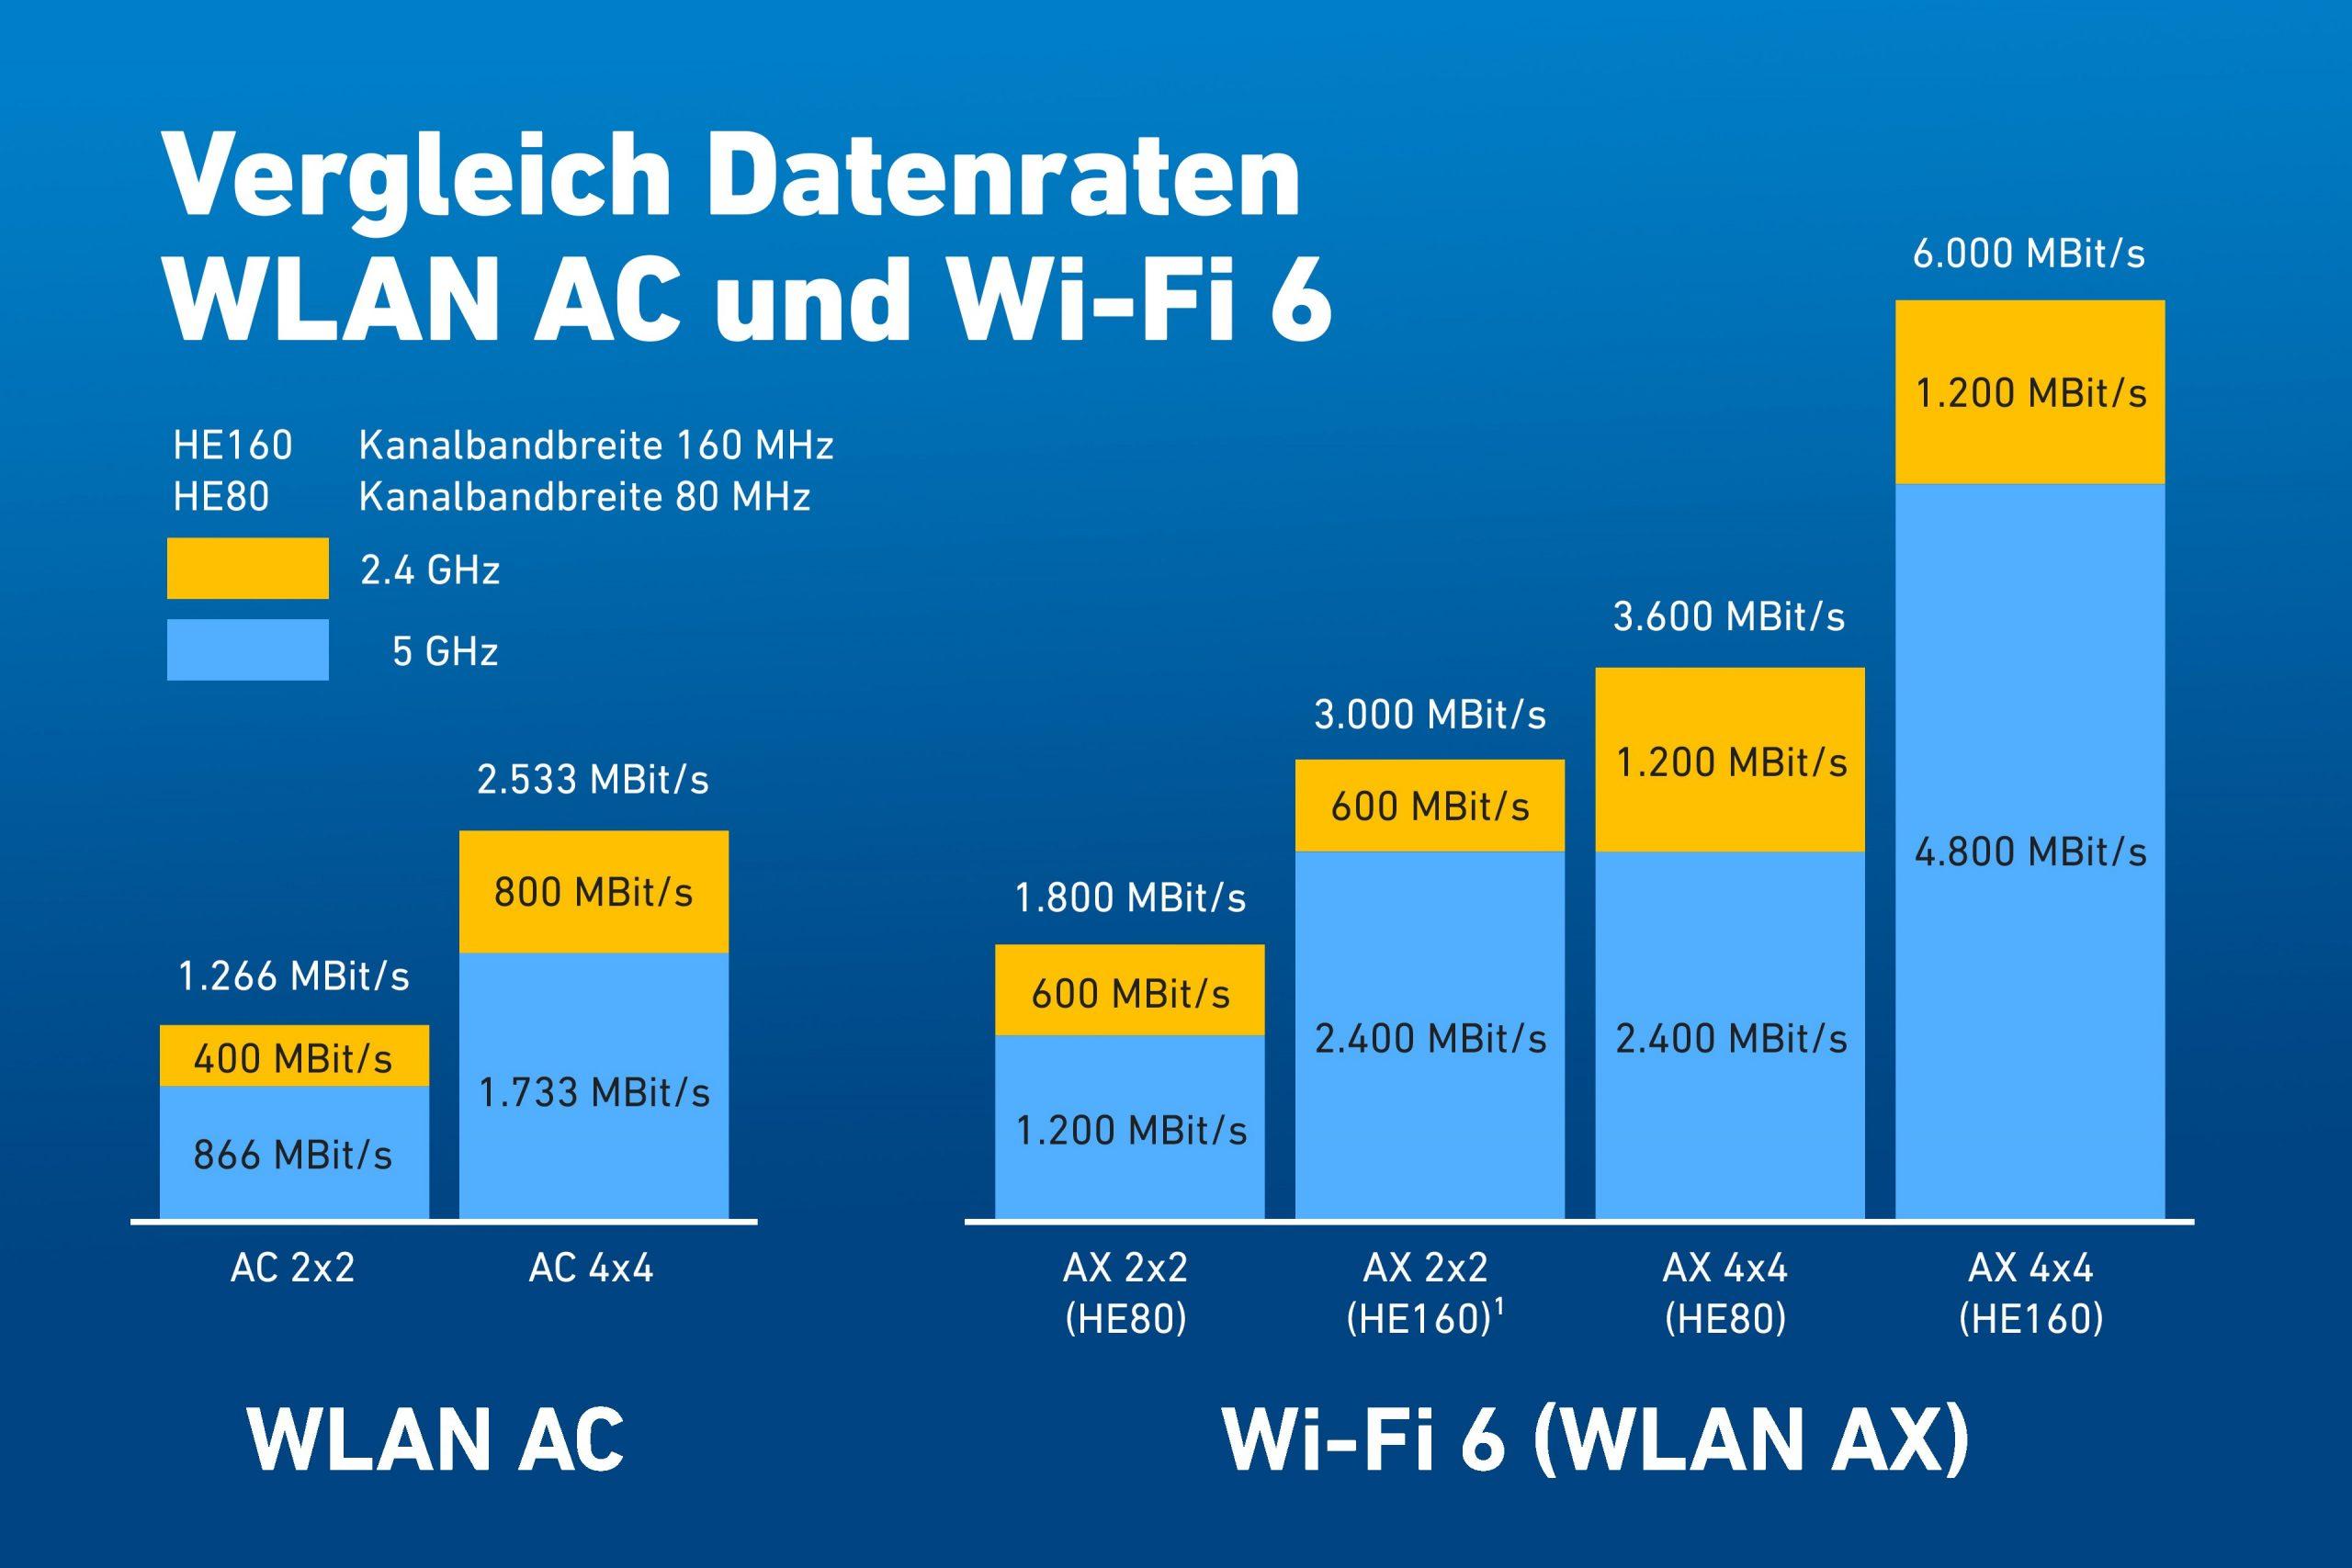 Netzwerkspezialist AVM klärt auf: Wi-Fi 6 - Was bringt der neue WLAN-Standard?